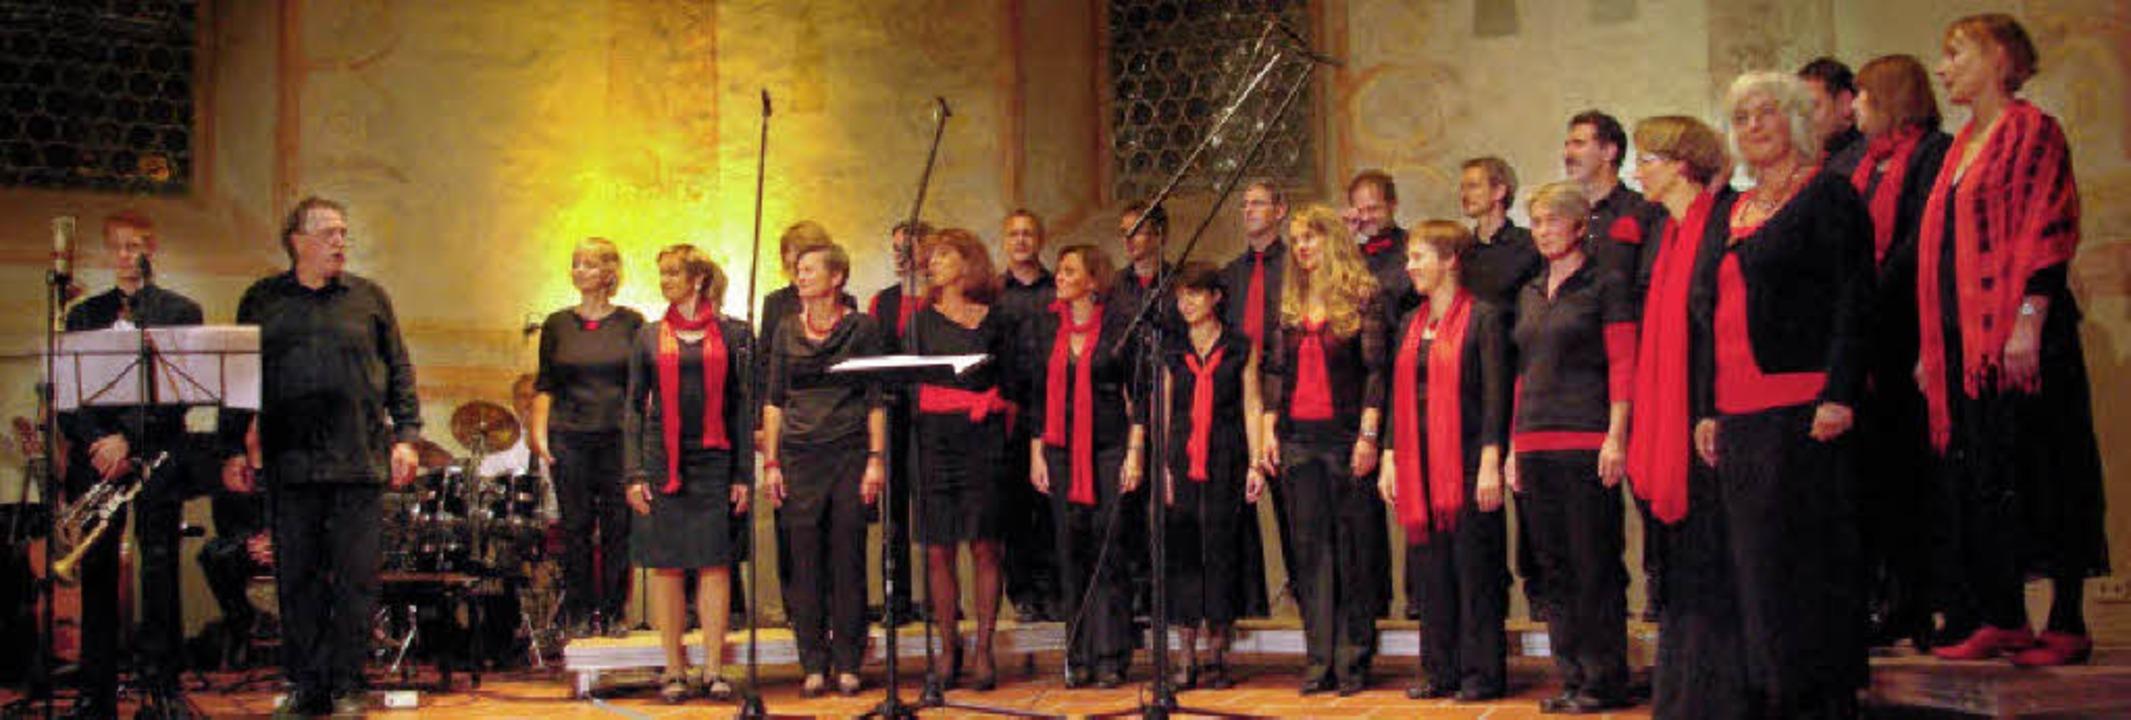 Mit Freude am Gesang, guter Technik un...m Jubiläumskonzert Standing Ovations.   | Foto: Model